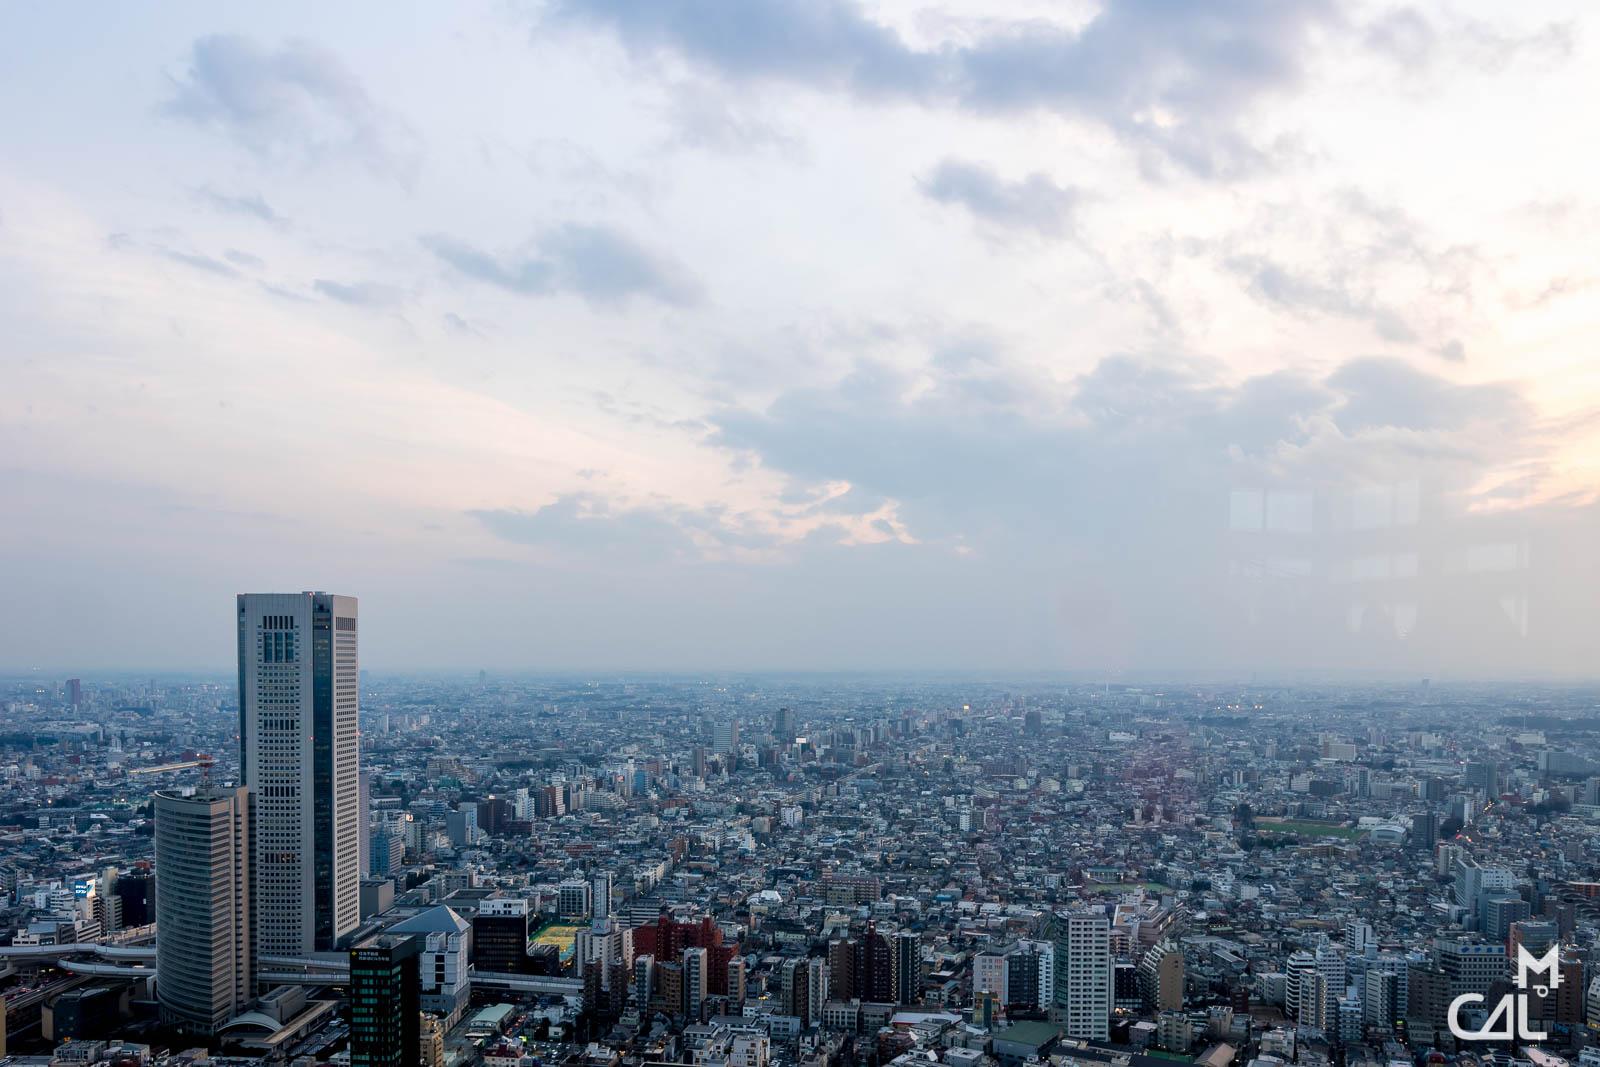 Tokyo Metropolitan Government Building et Shinjuku : vue vers le sud-ouest  ...